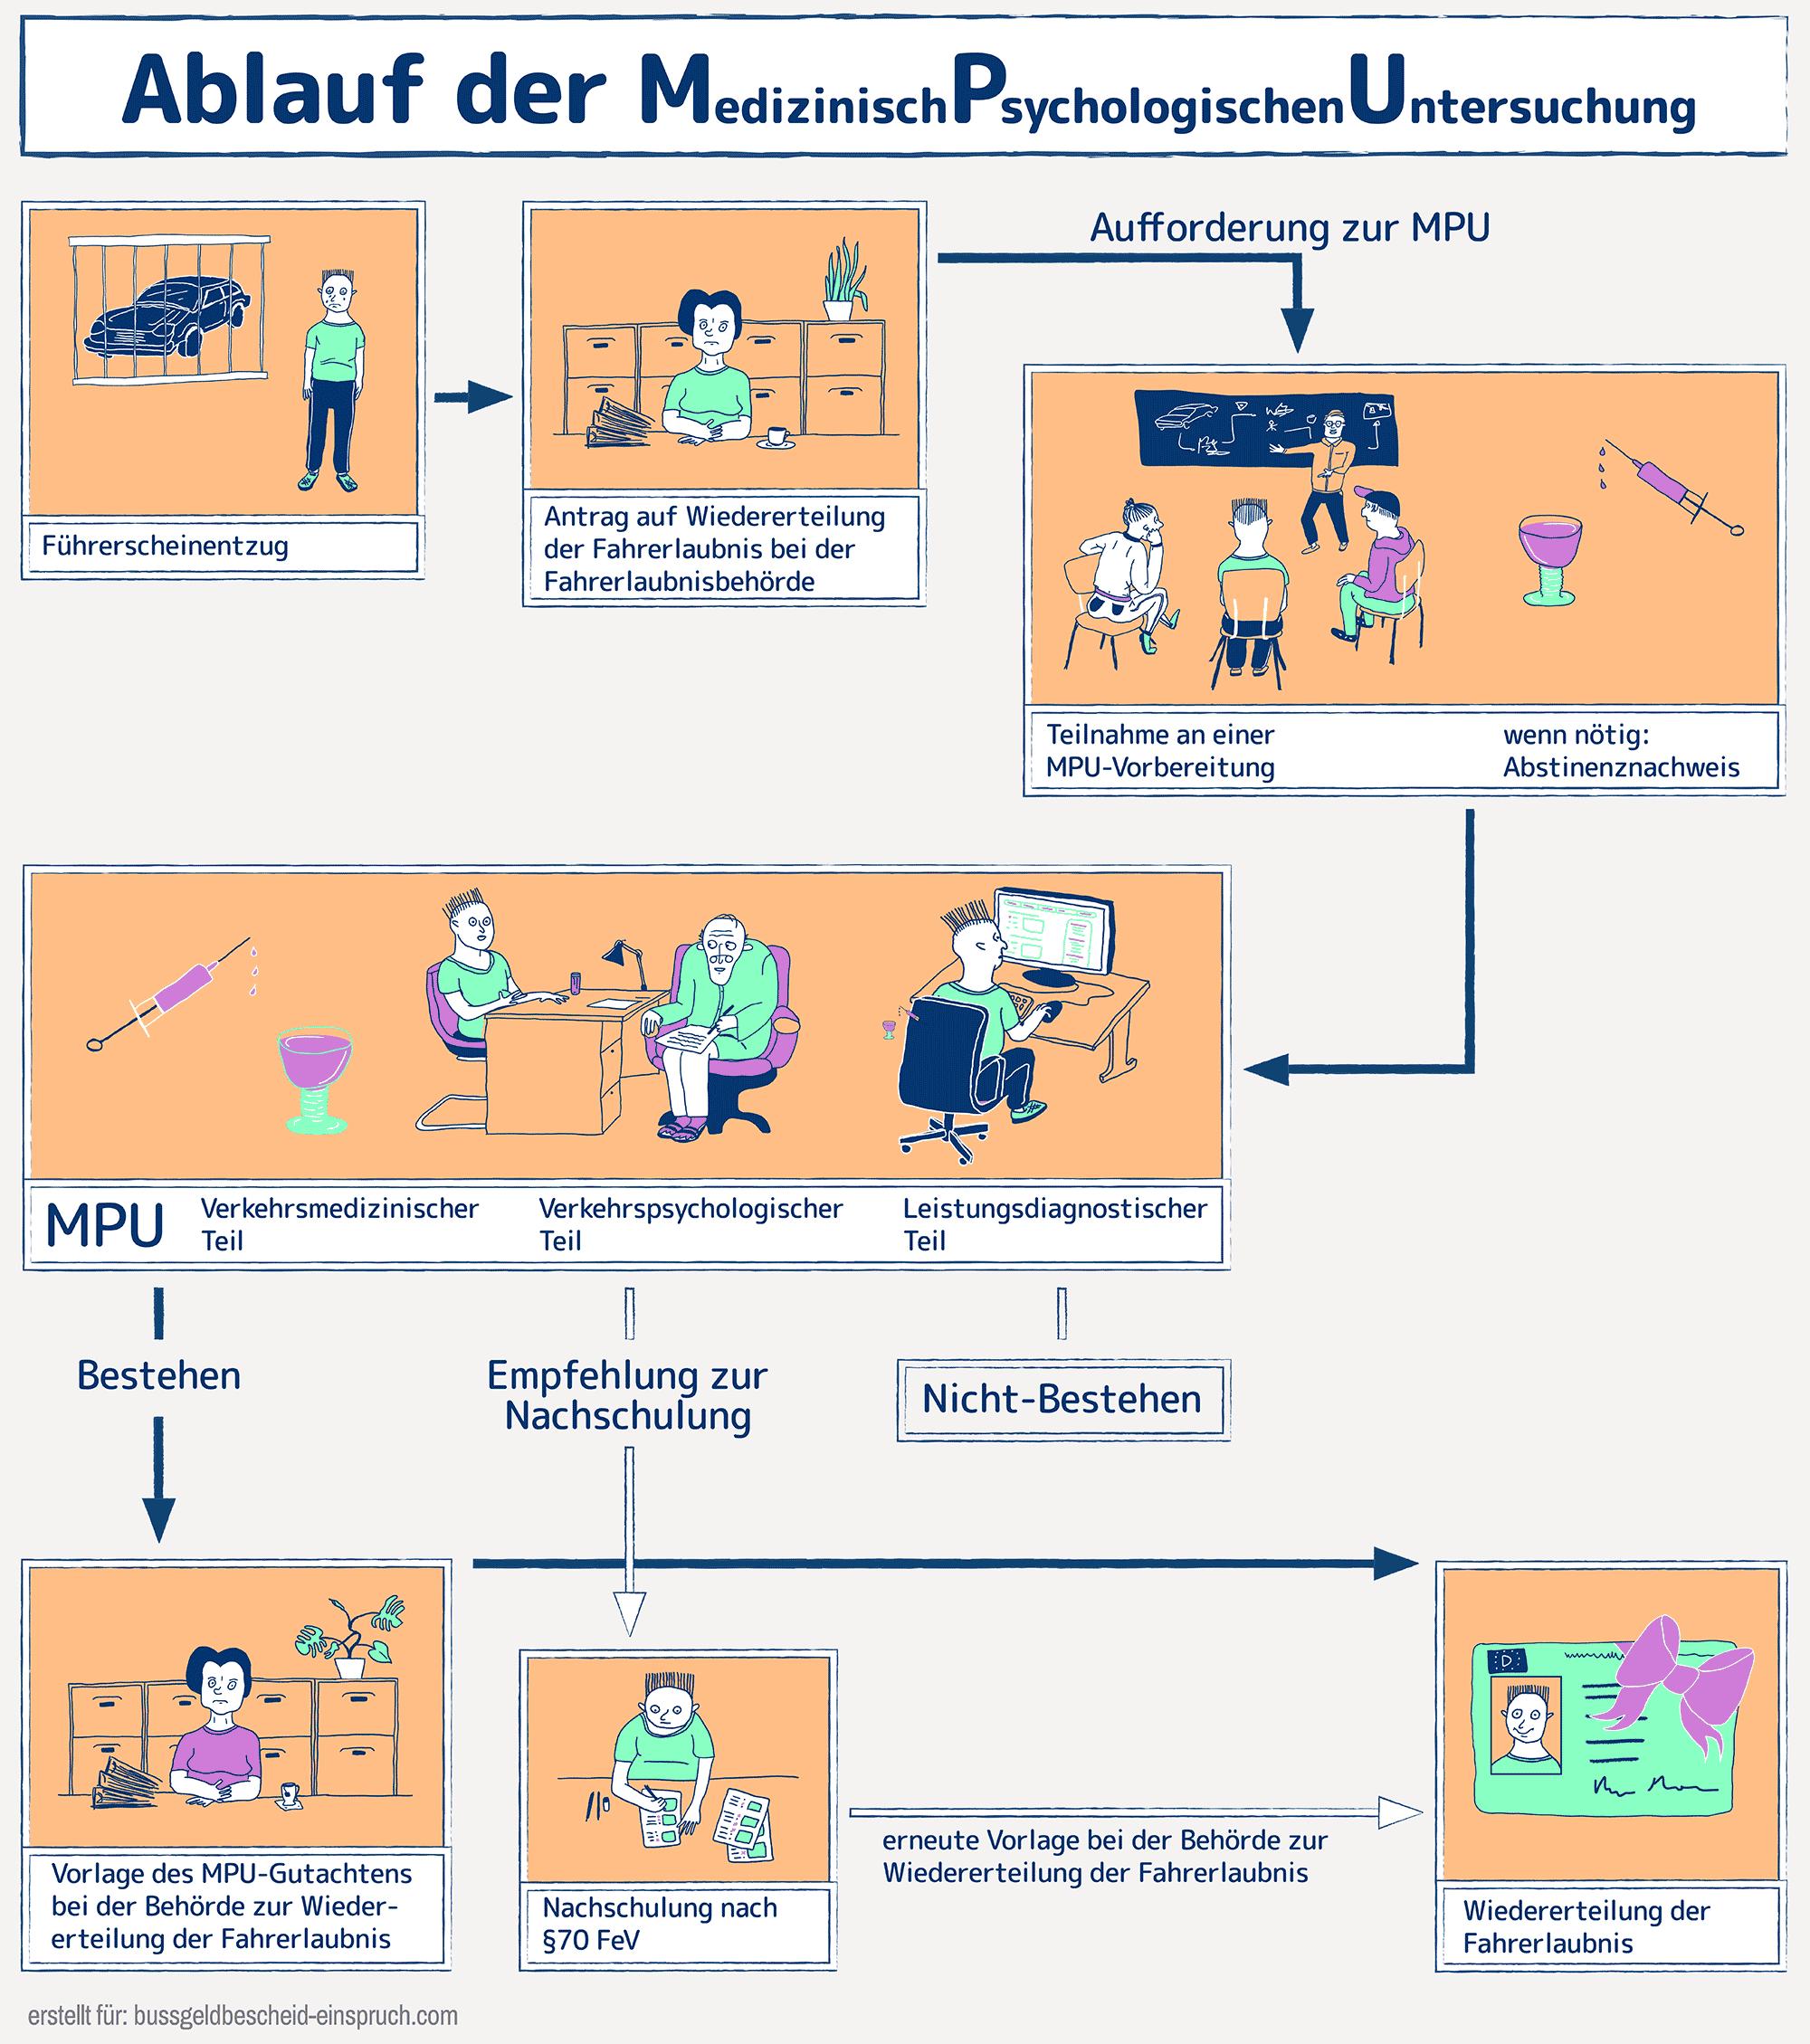 MPU Ablaufdiagramm grafisch veranschaulicht